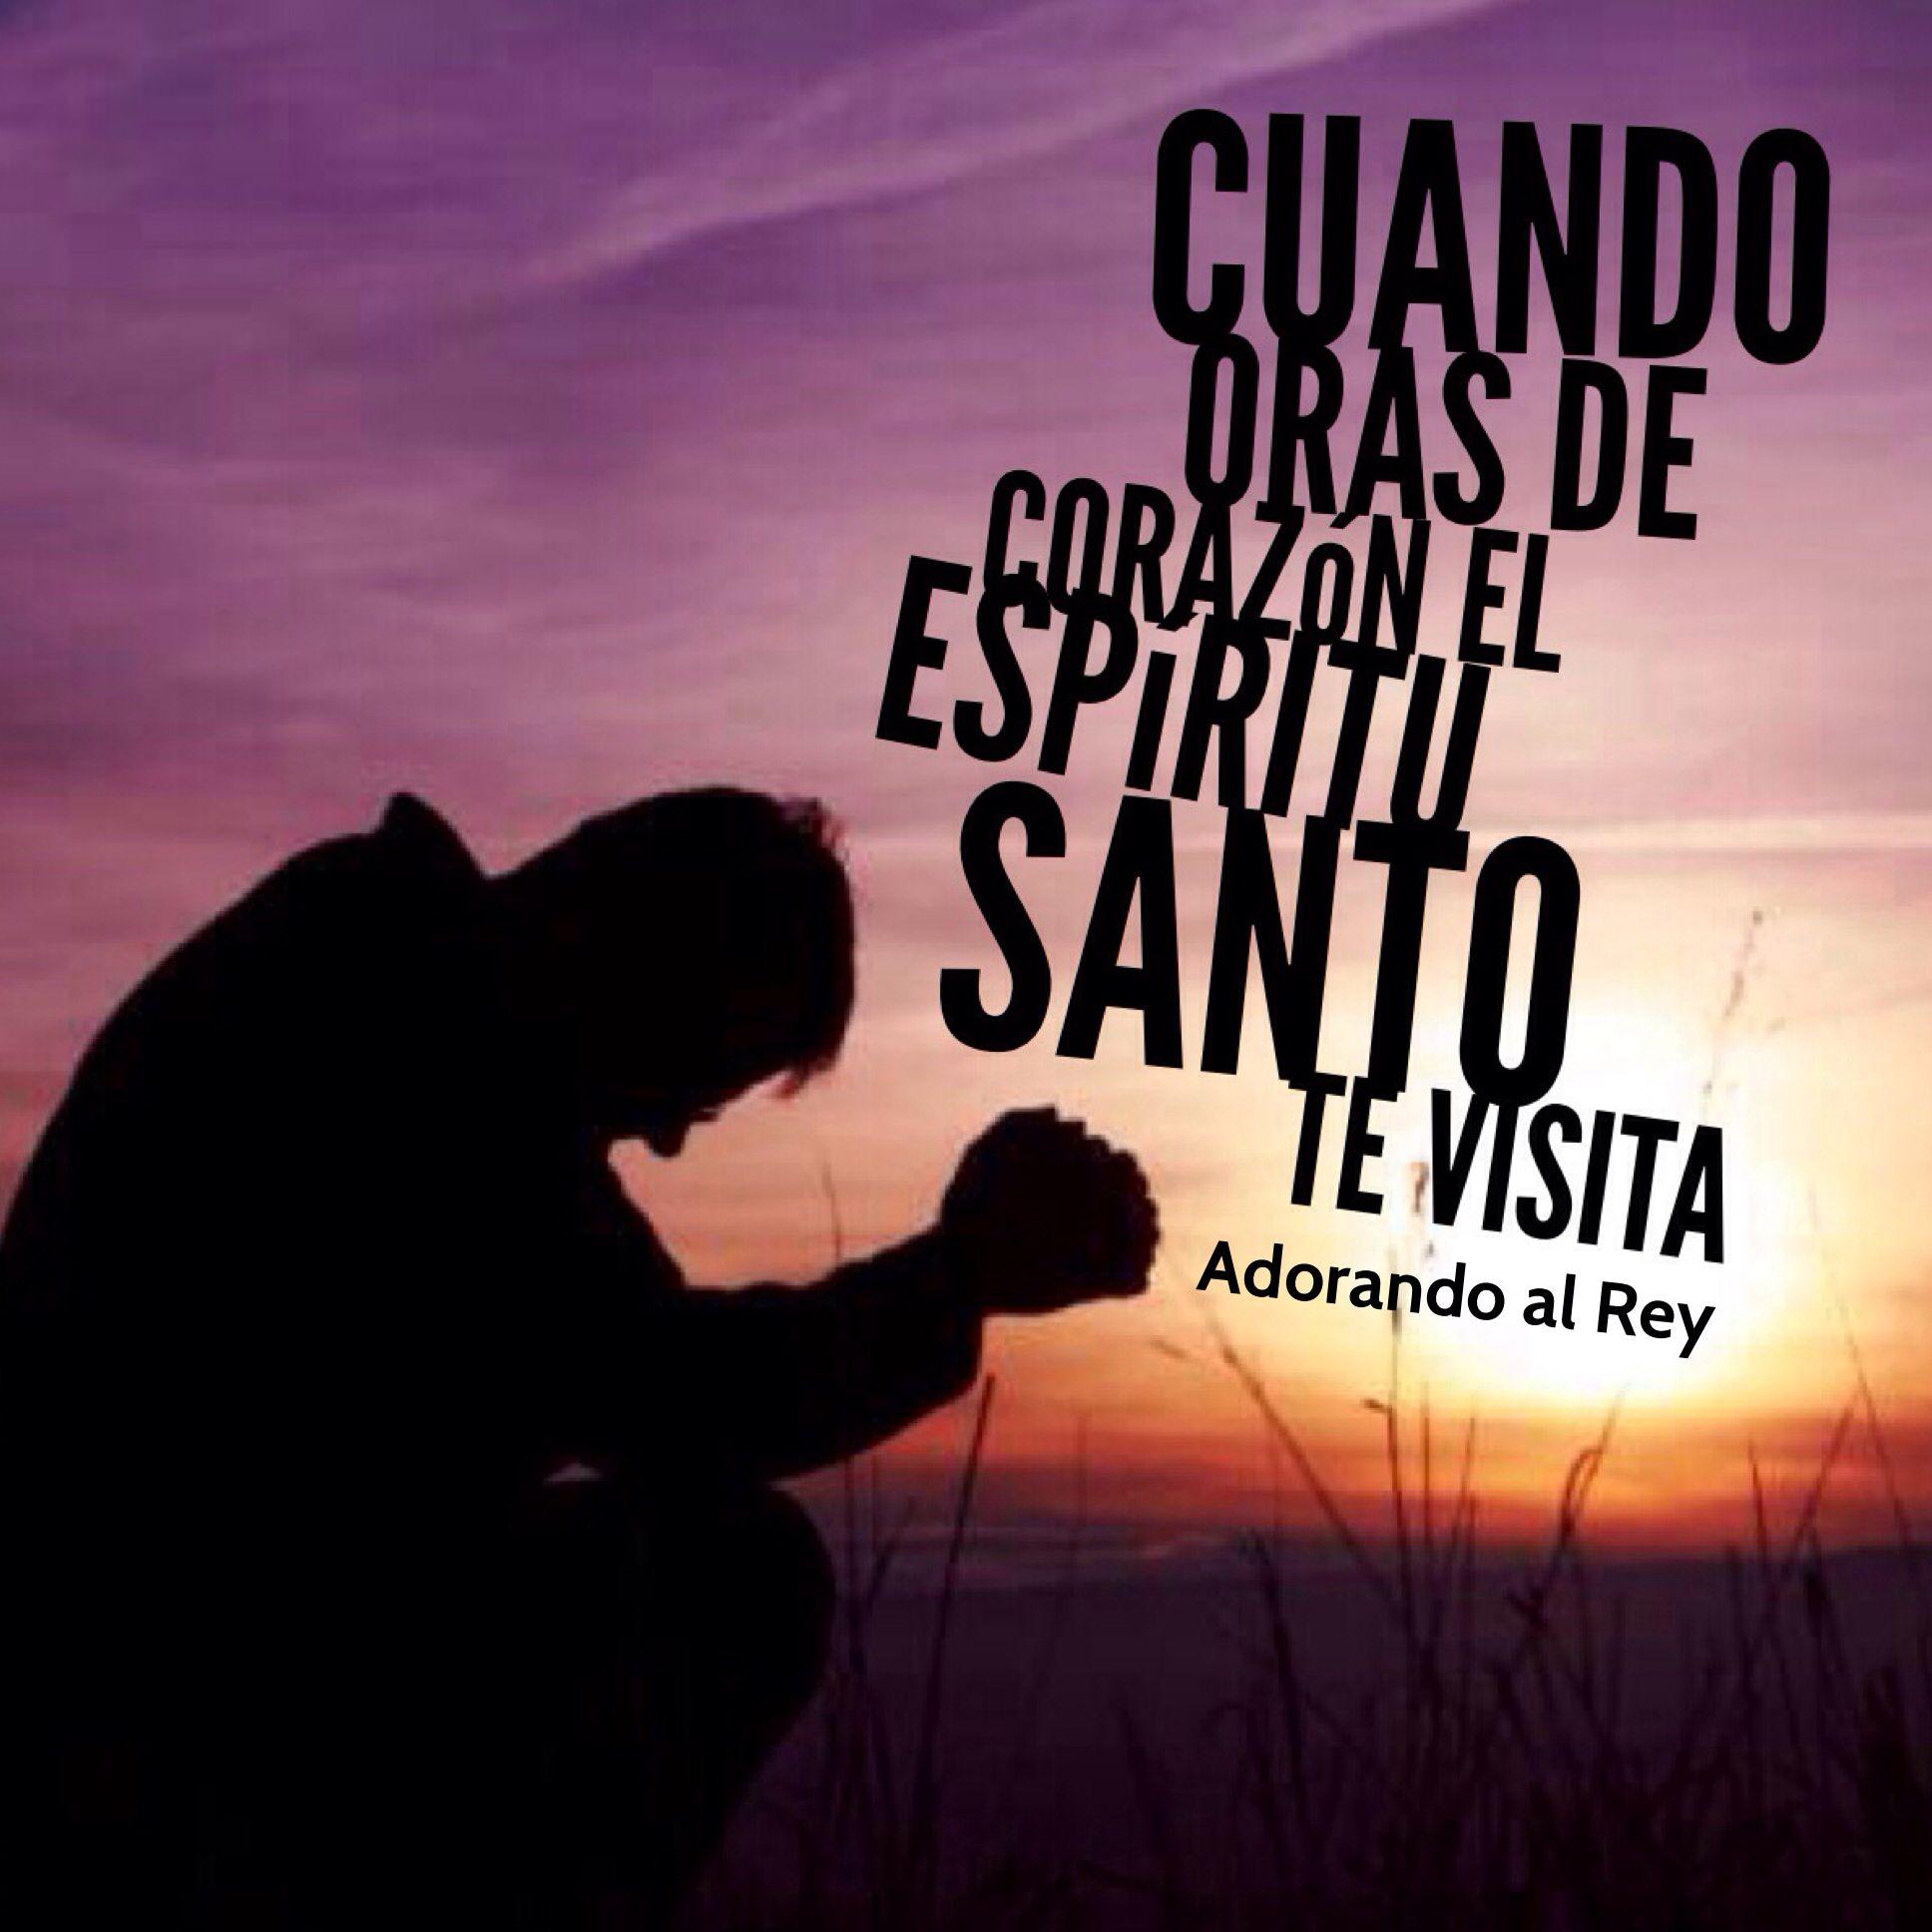 Cuando oras de corazón el Espíritu Santo te visita  #Dios #Jesus #Jesucristo #Cristo #EspirituSanto #Oracion #Fe #IntimidadConDios #Avivamiento #AdorandoalRey